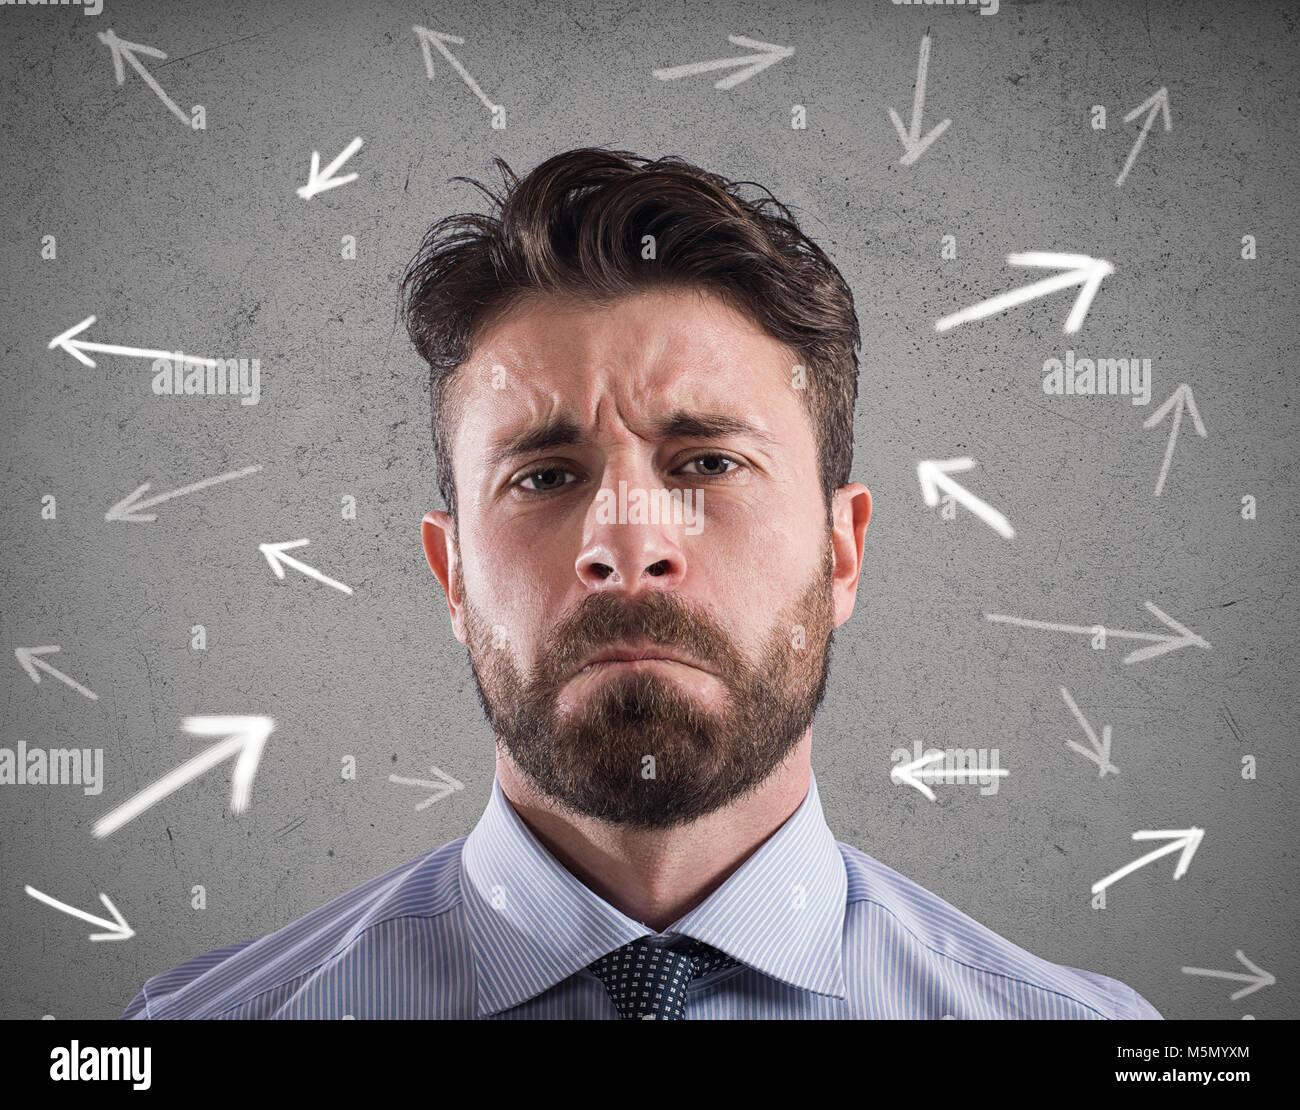 Schwierige Entscheidungen eines Unternehmers. Konzept der Verwirrung Stockbild